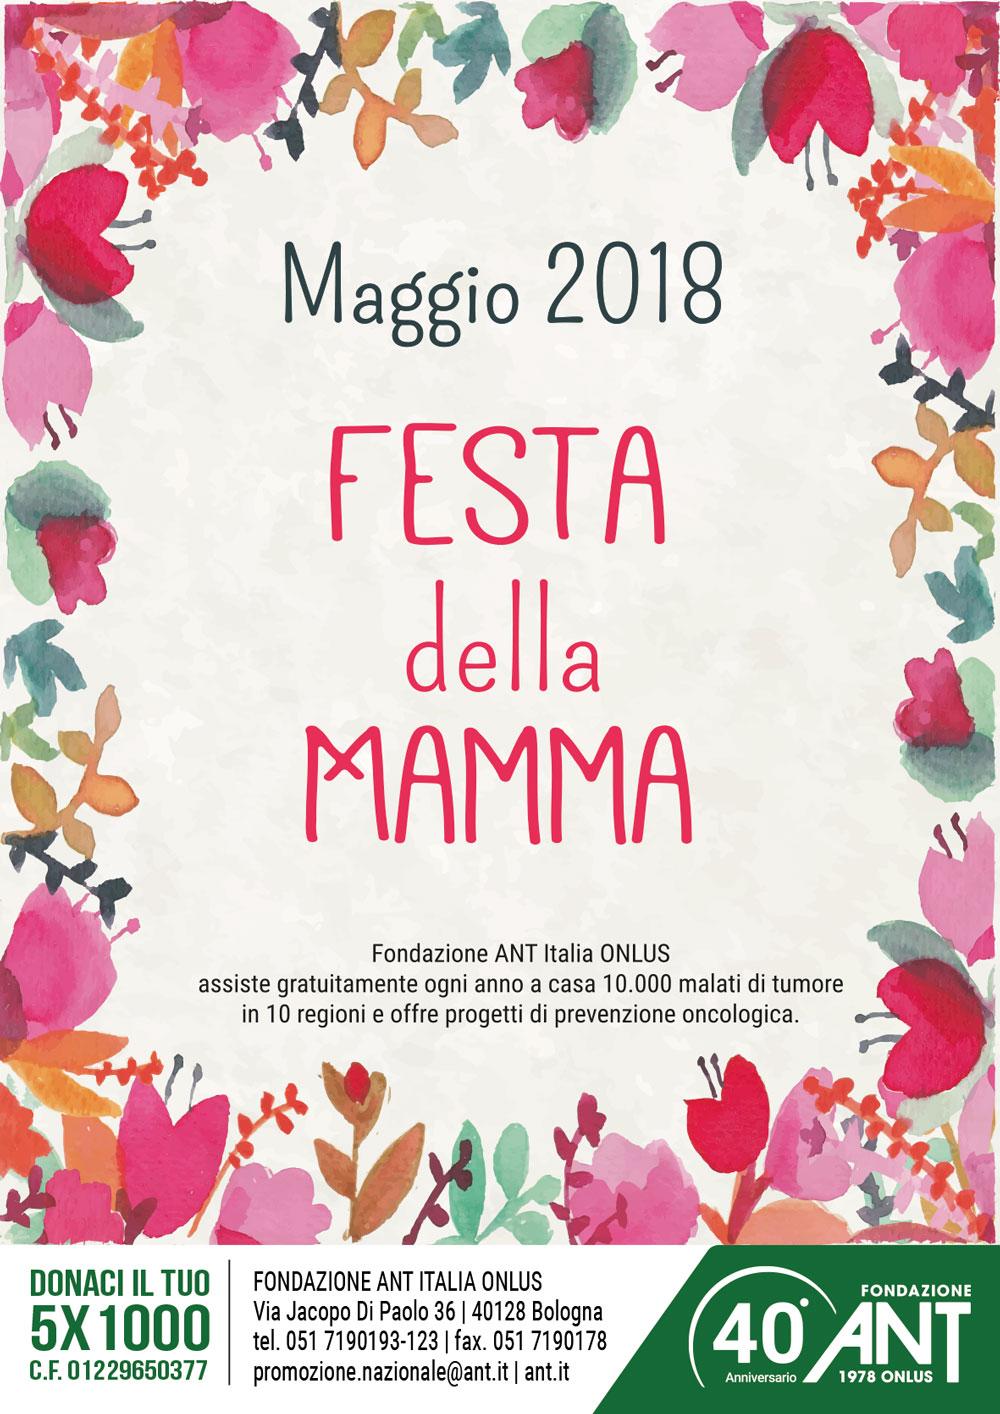 campagne pubblicitarie fondazione ant italia onlus